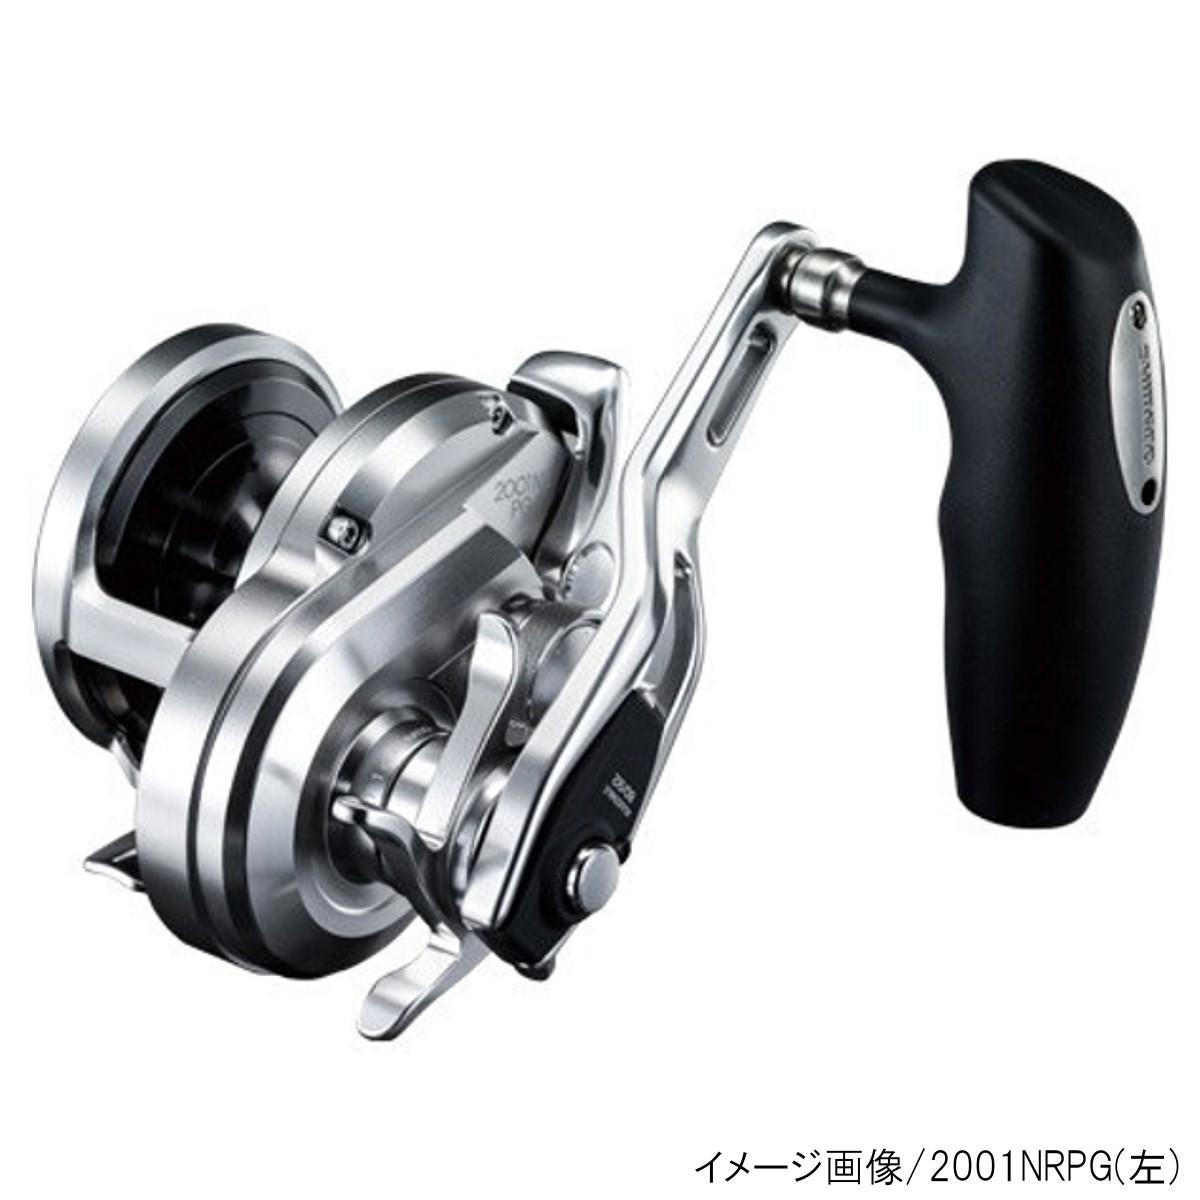 シマノ オシアジガー 2001NRHG(左)【送料無料】